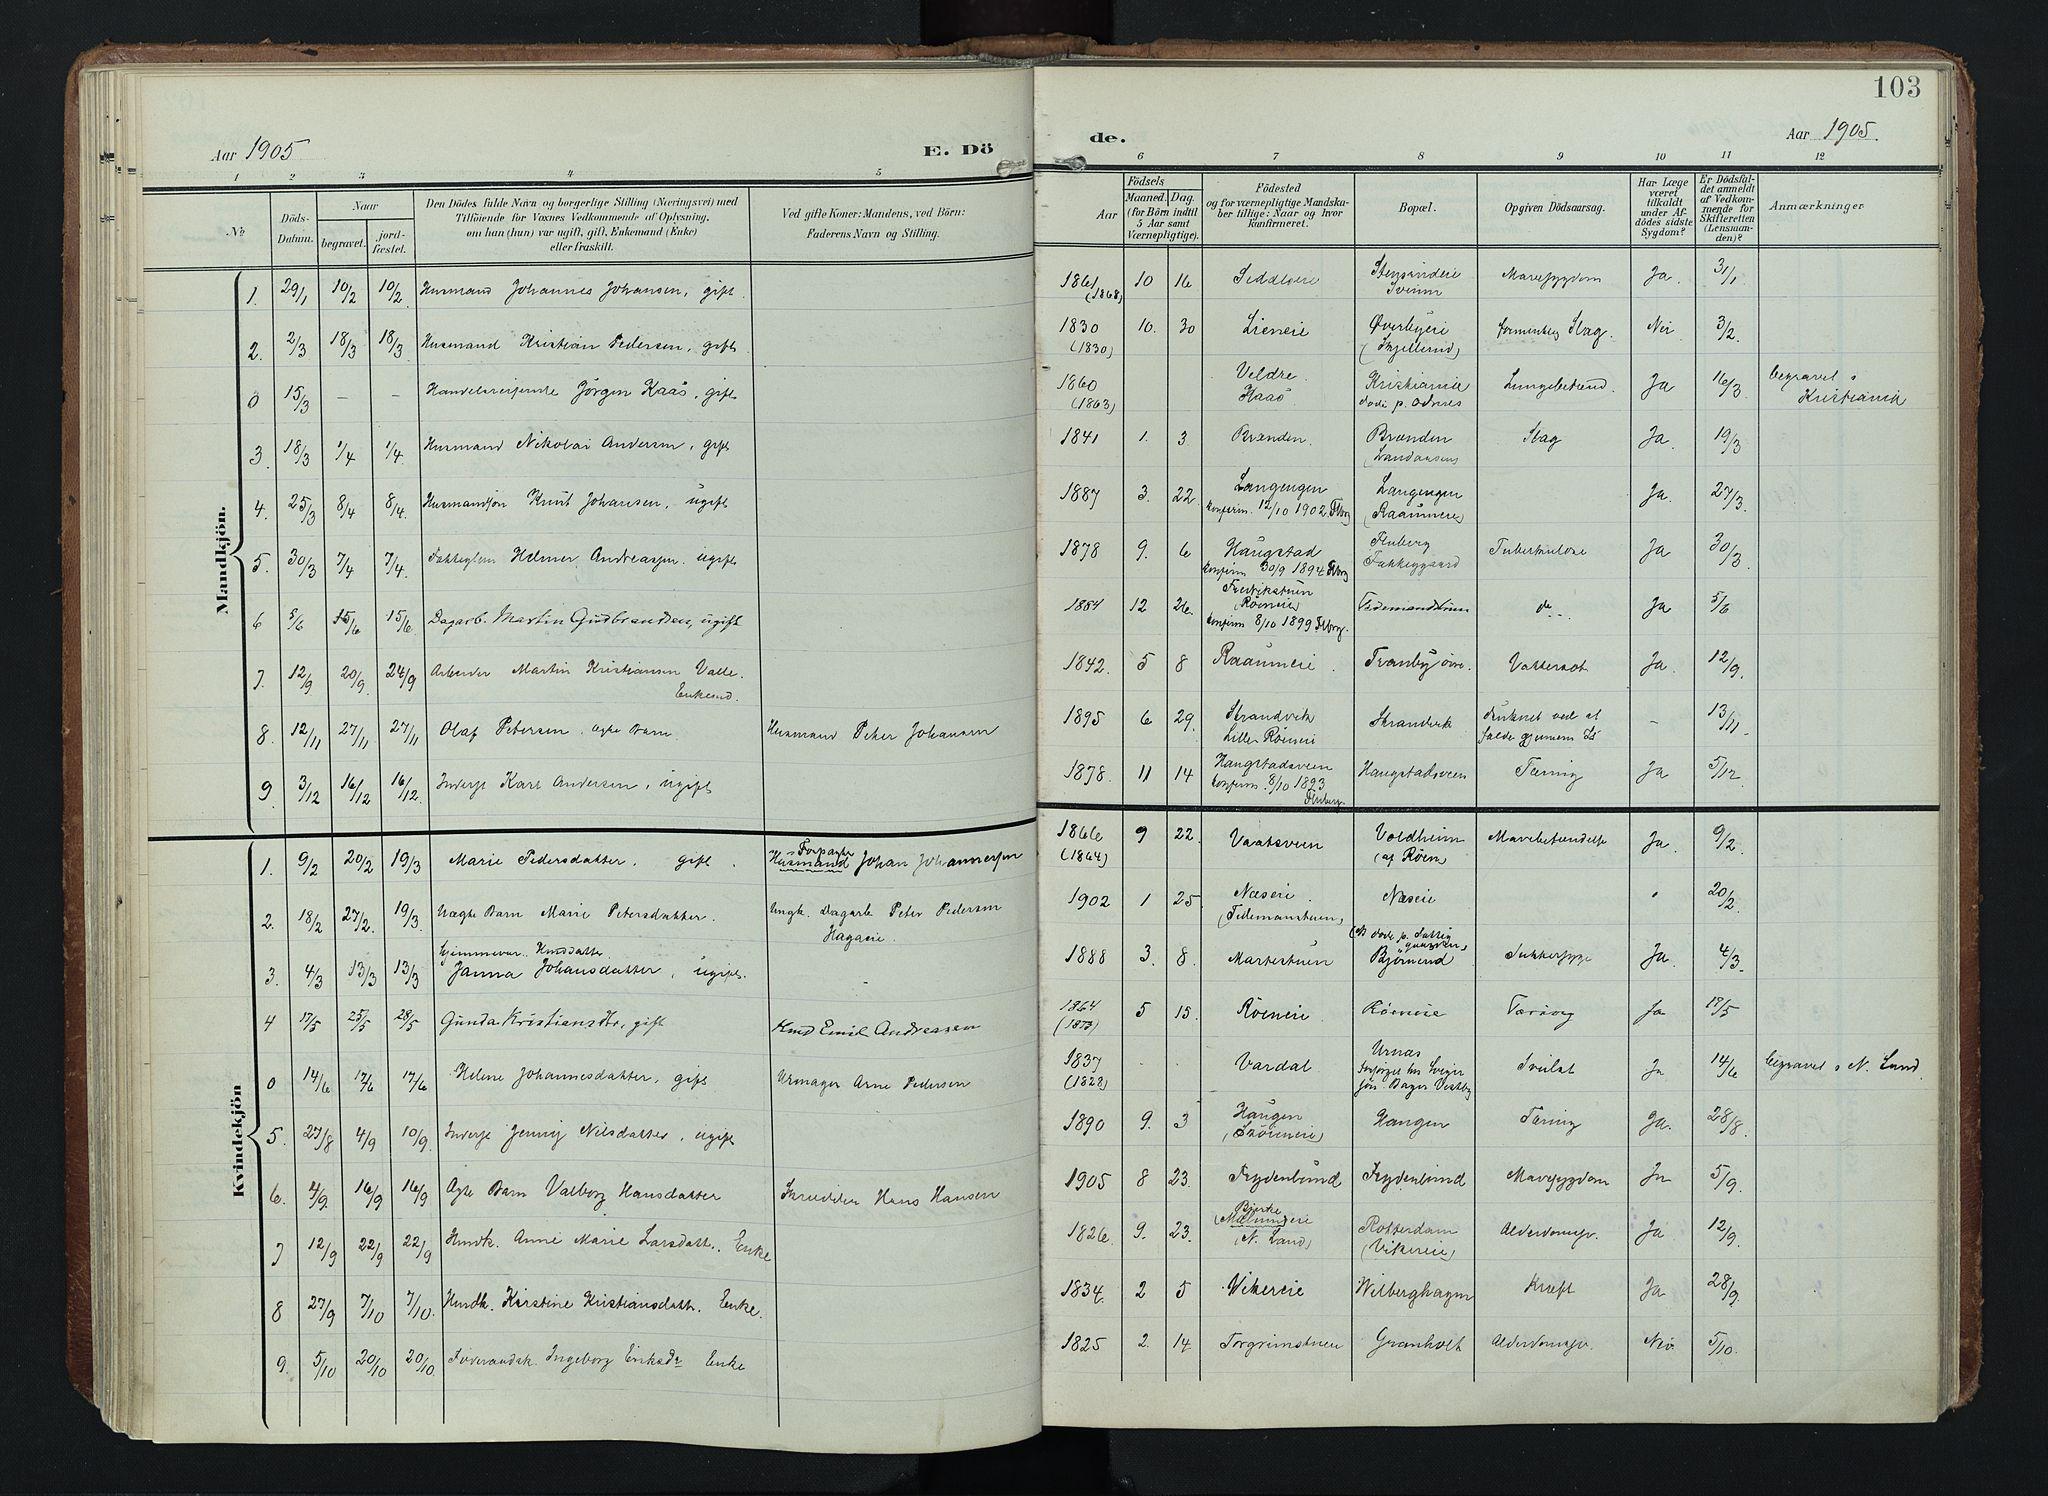 SAH, Søndre Land prestekontor, K/L0005: Ministerialbok nr. 5, 1905-1914, s. 103